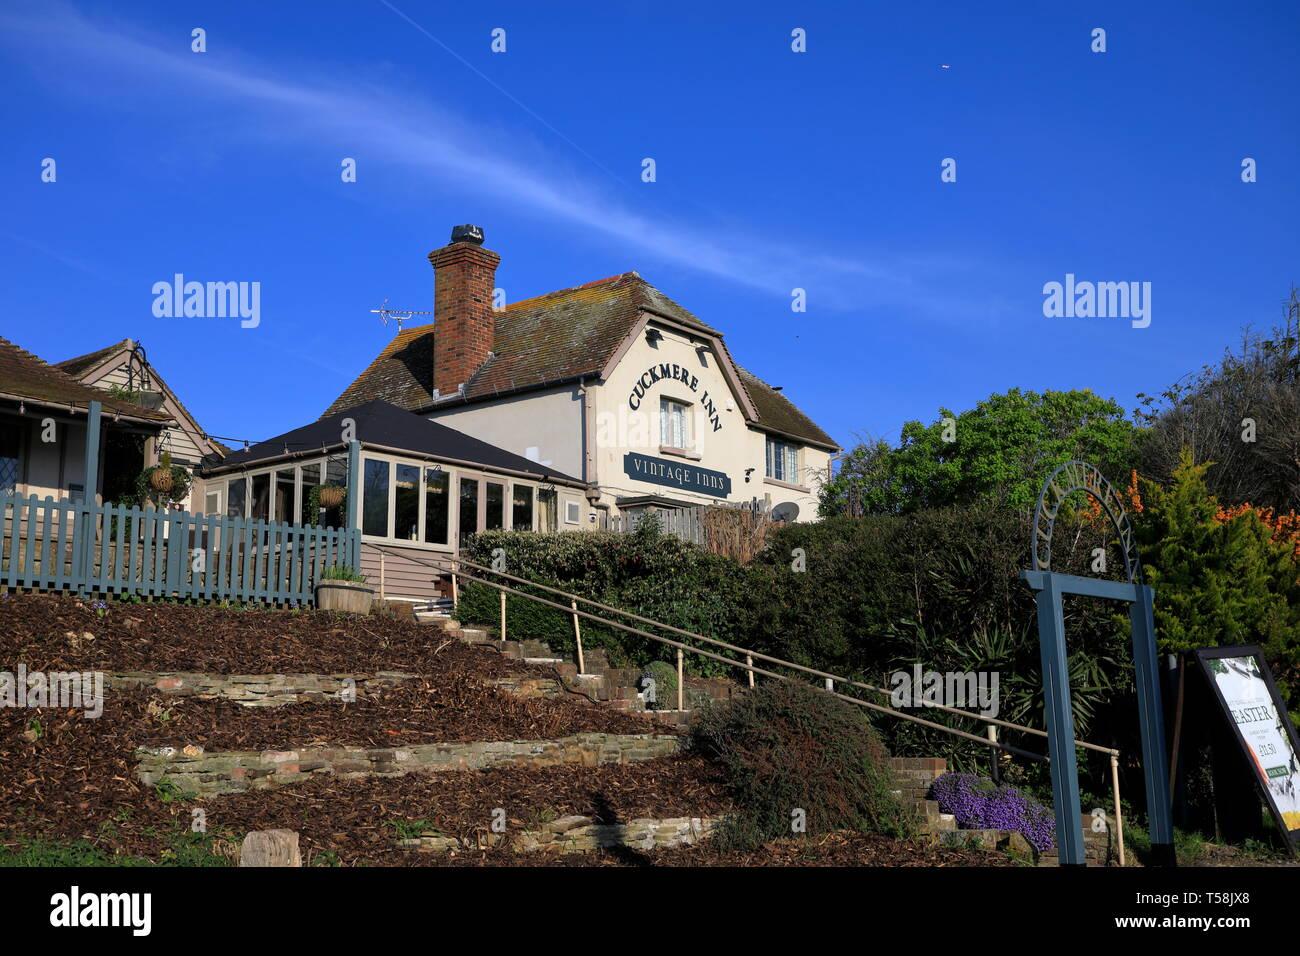 Cuckmere inn, a Vintage Inns pub in Exceat, East Sussex, UK - Stock Image